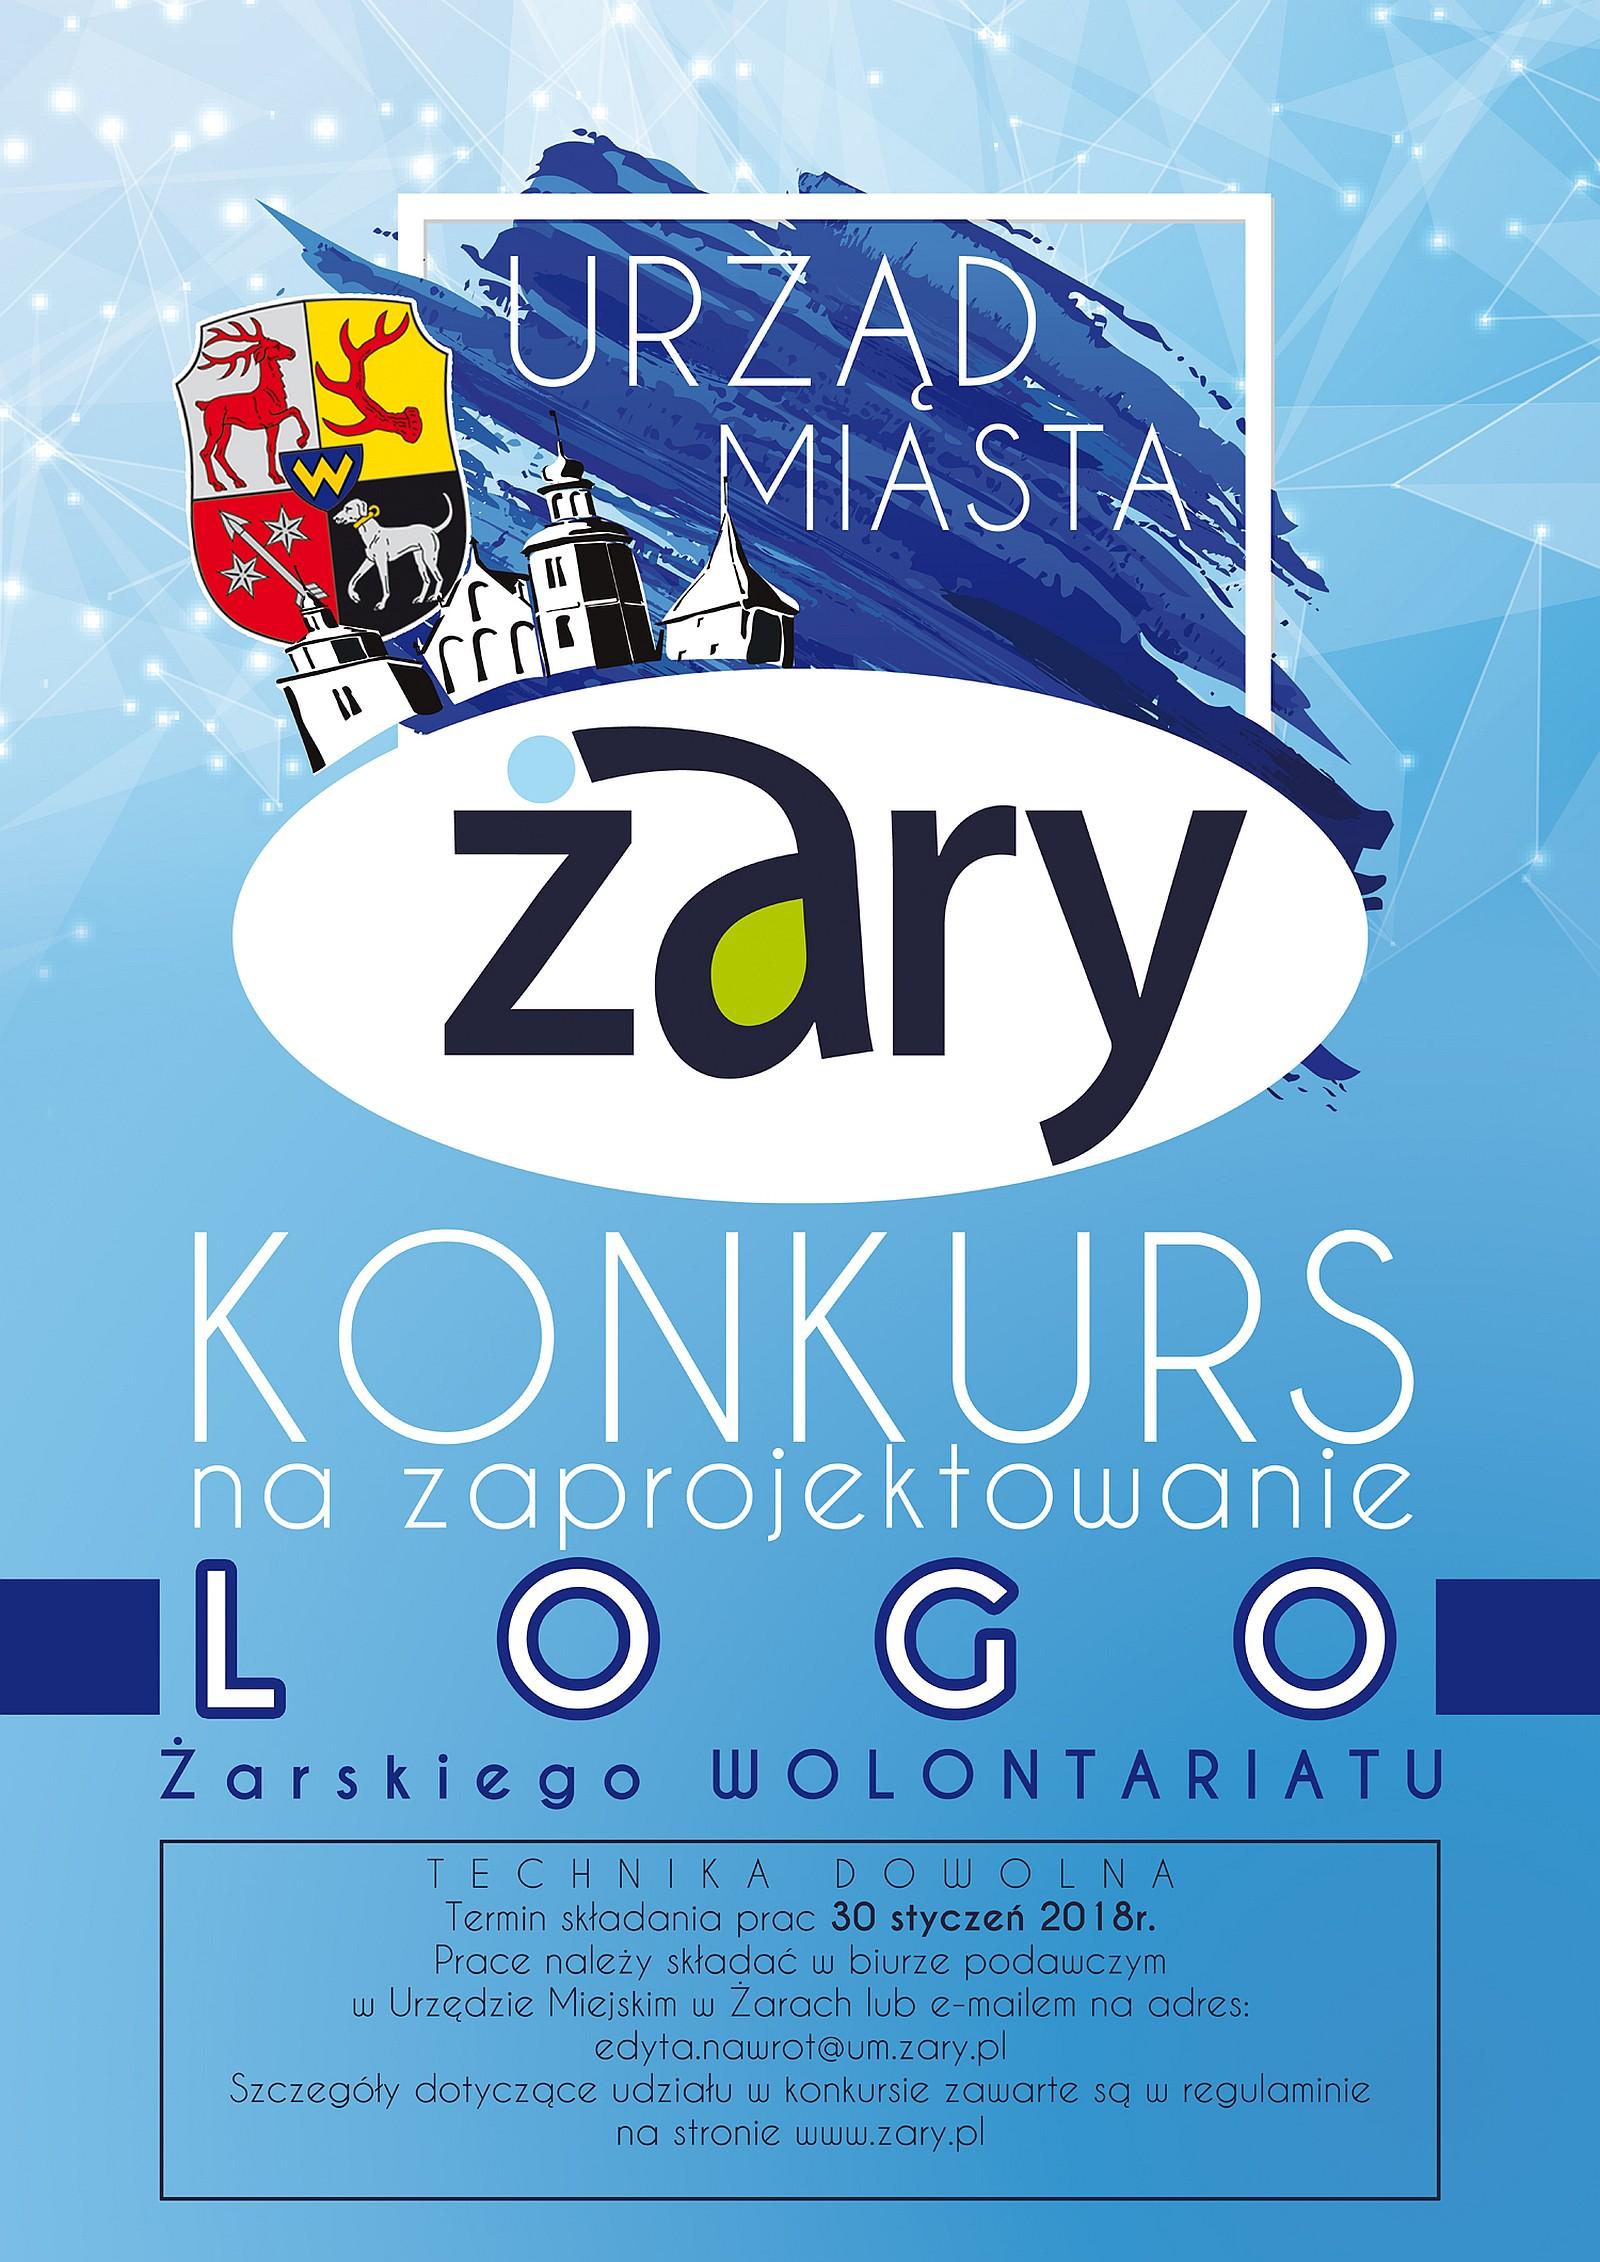 Ilustracja do informacji: Logo Żarskiego Wolontariatu